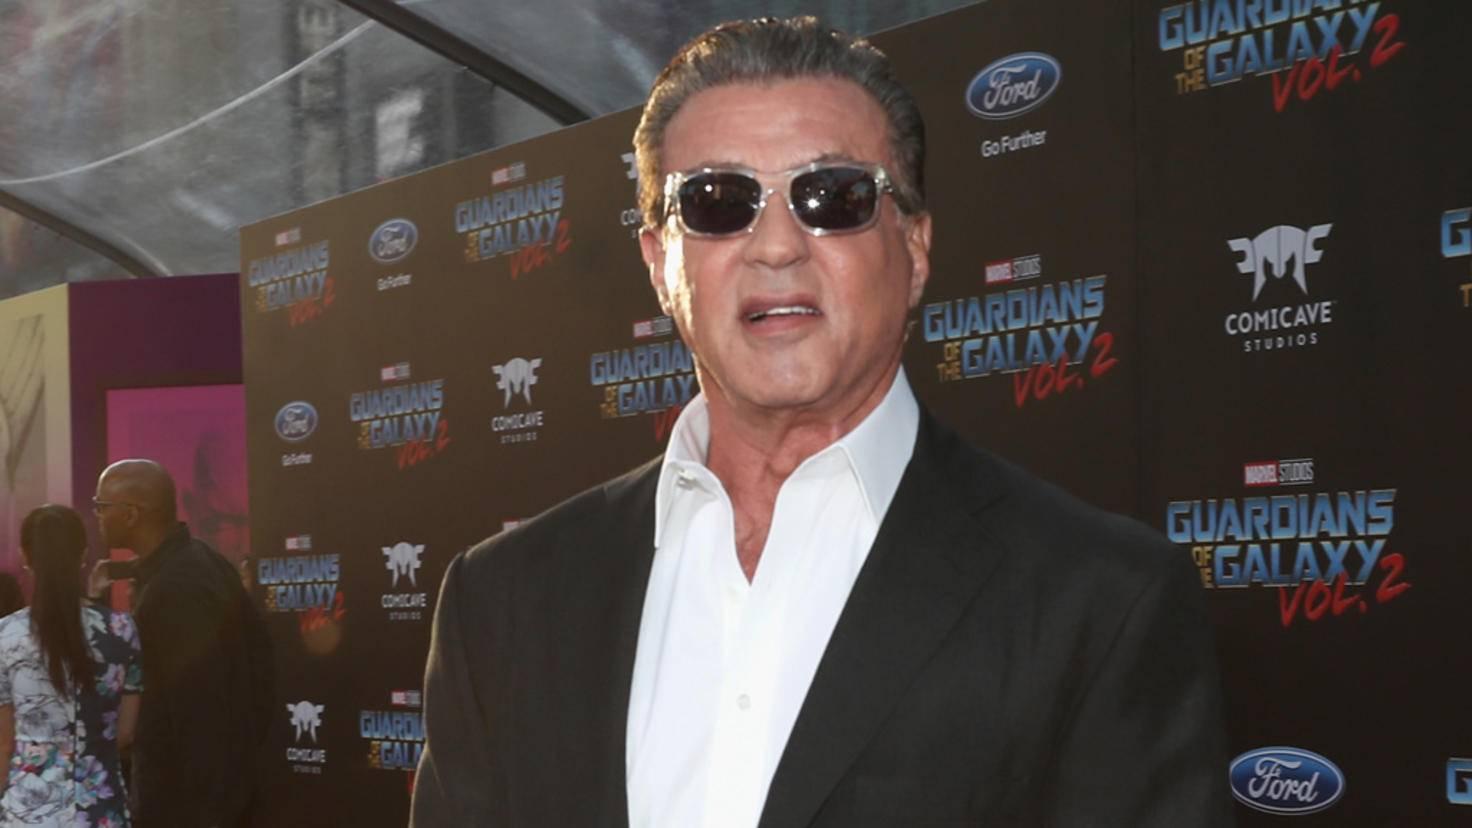 The One and Only: Sylvester Stallone! Sein Allround-Talent katapultiert ihn auf Platz 1 der reichsten MCU-Darsteller – trotz einer vergleichbar kleinen Rolle.